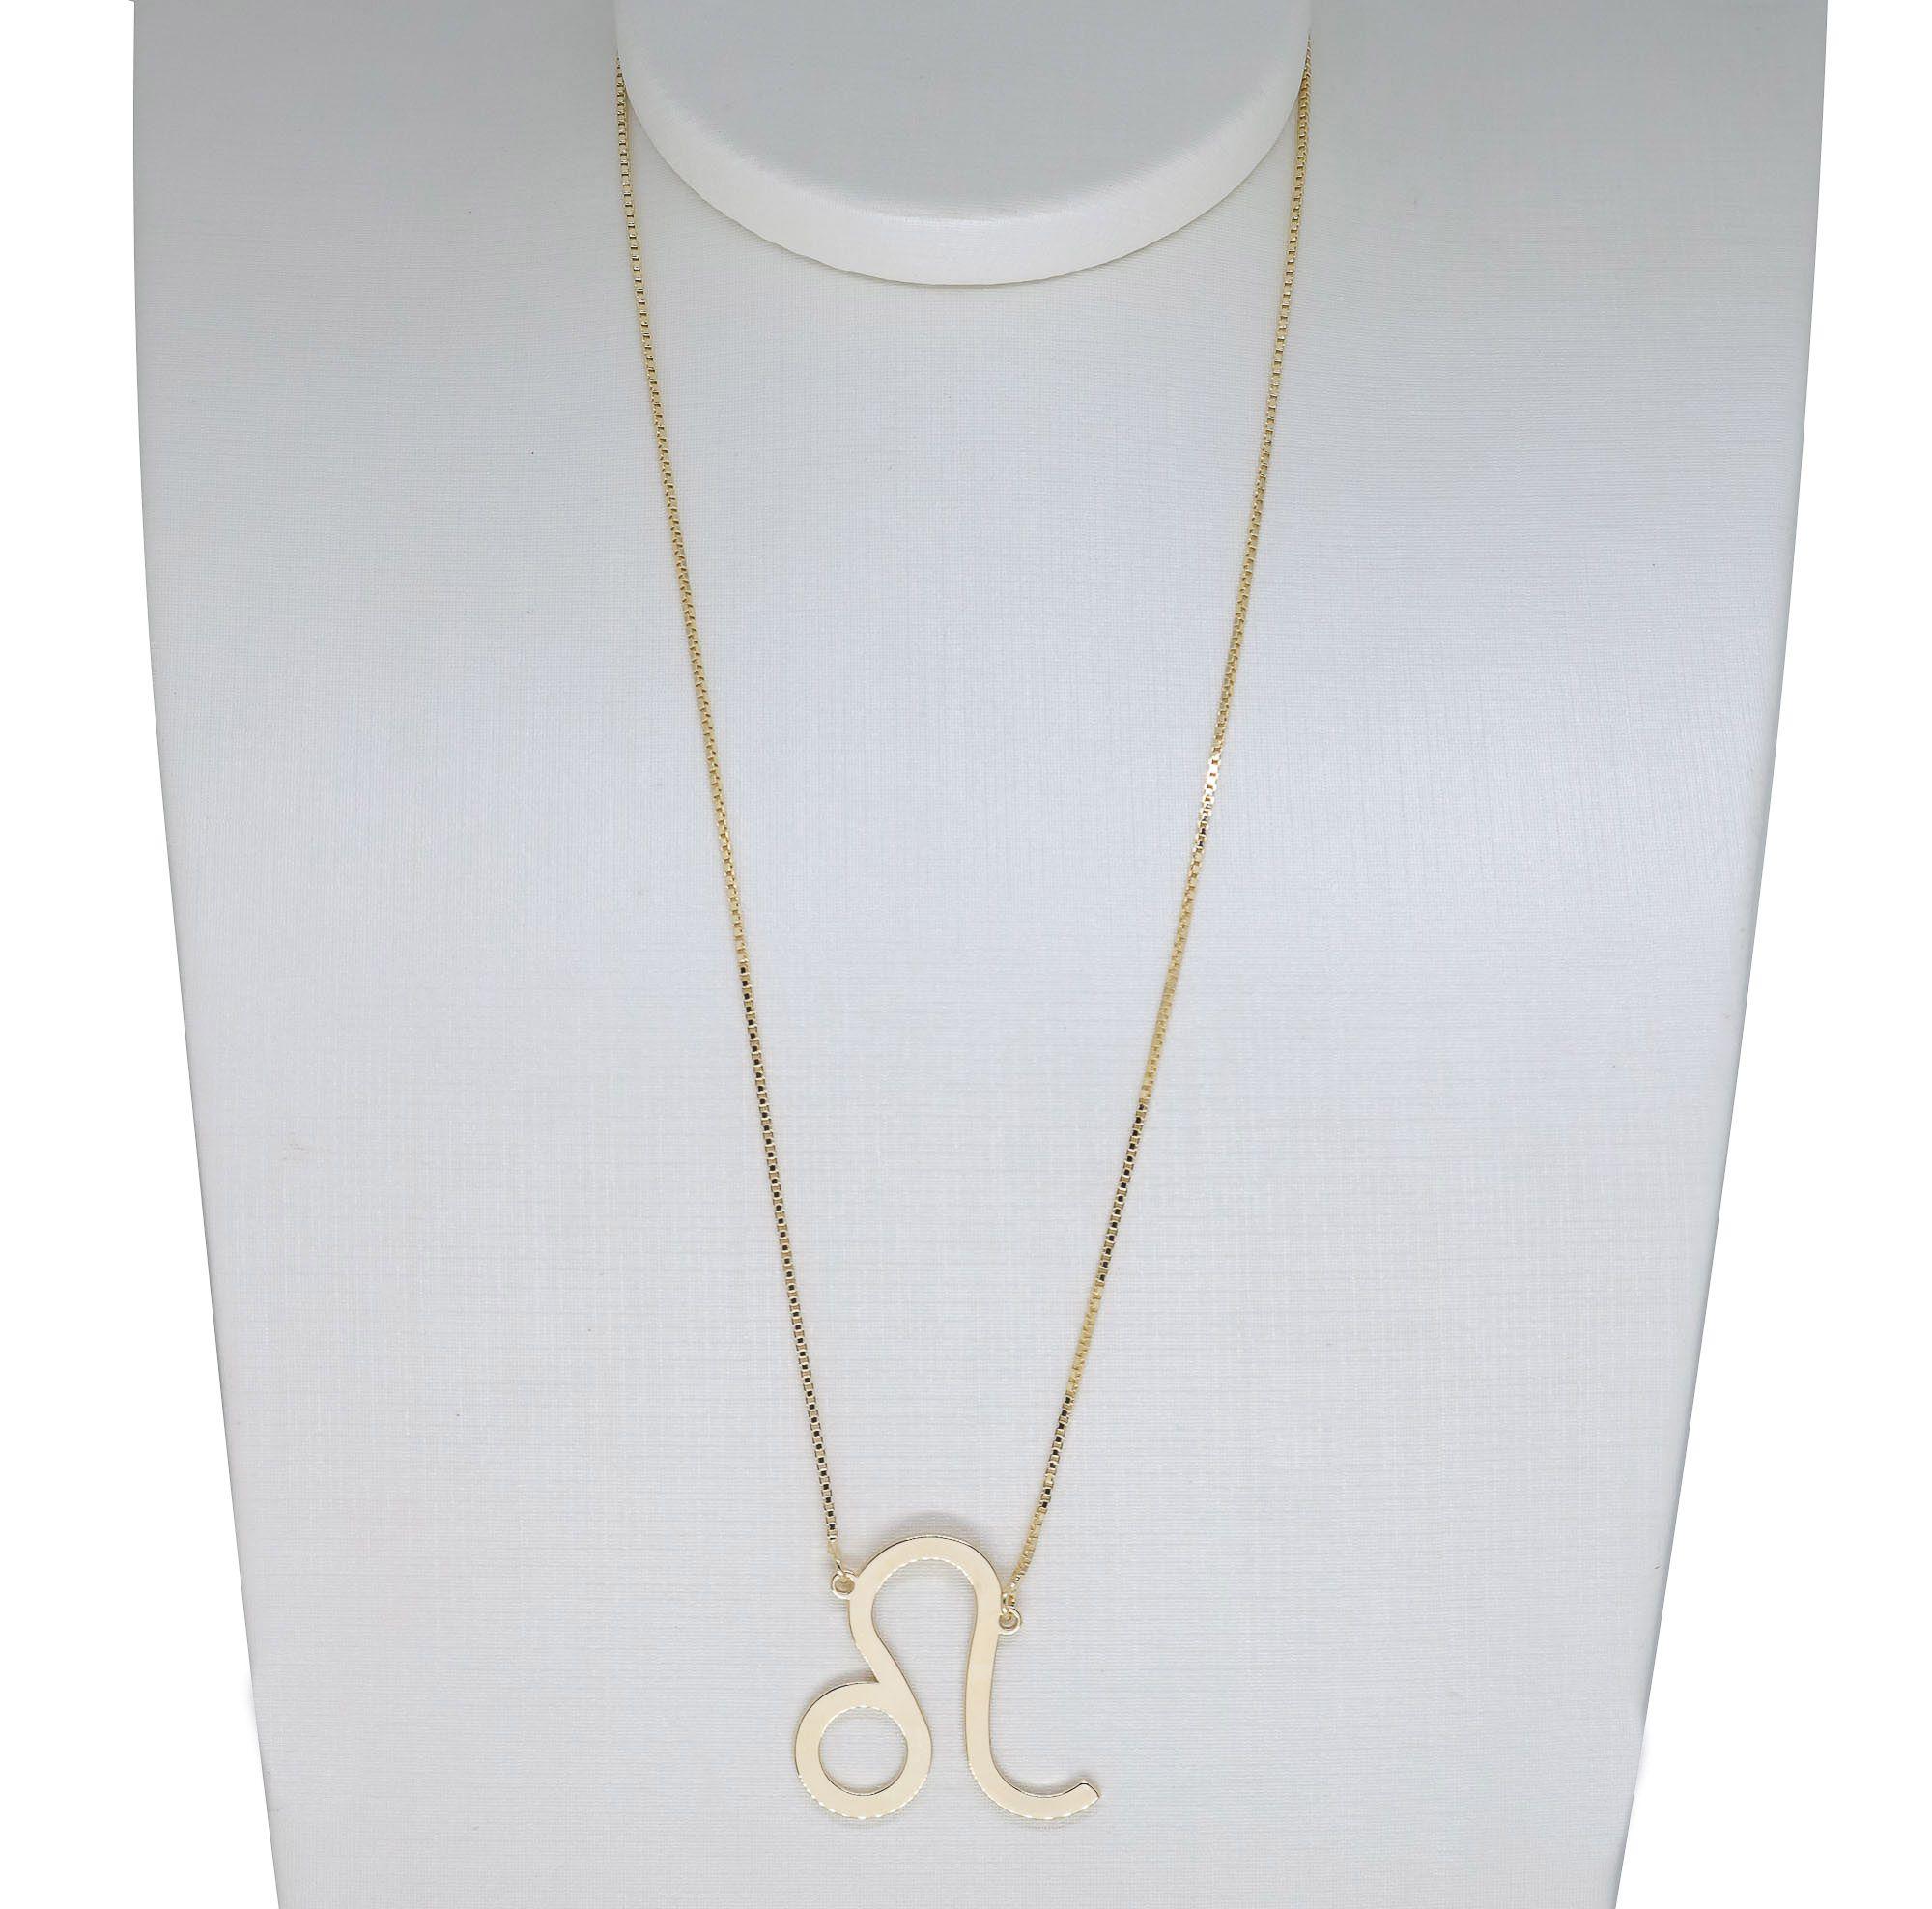 Colar Corrente Semi joia banhada a ouro 18k com pingente do seu signos  Tamanho G